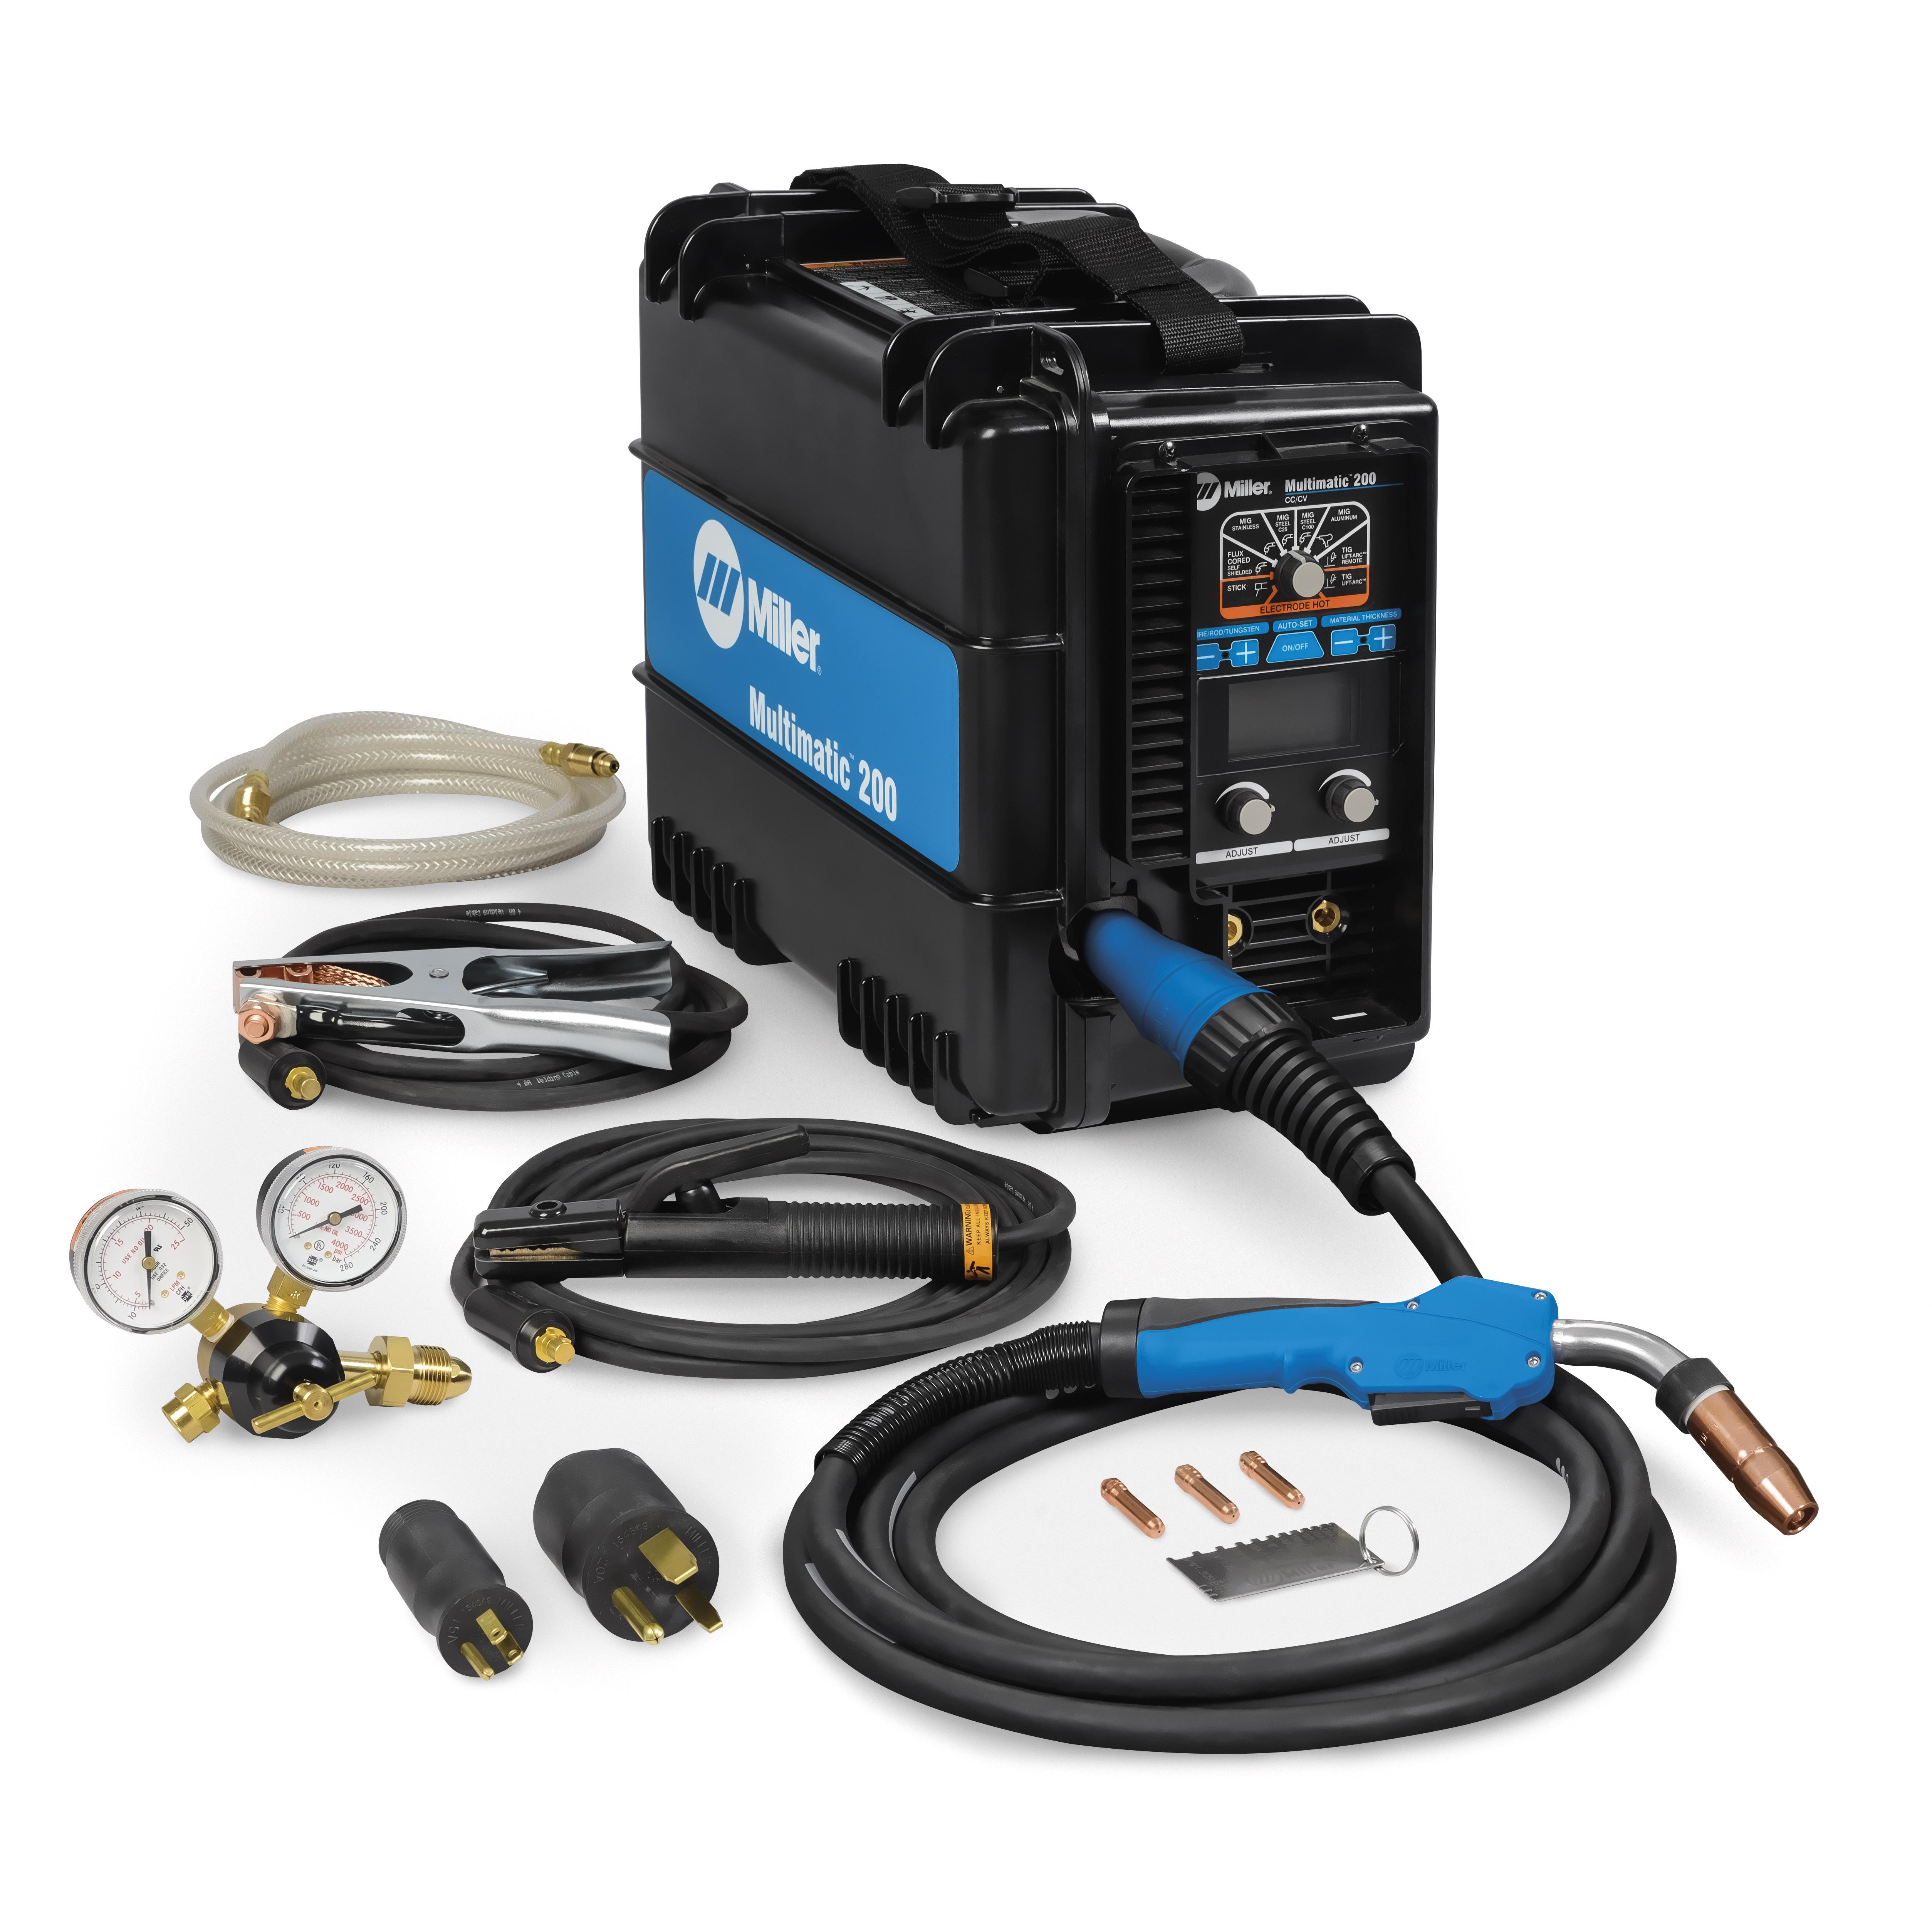 multimatic 200 multiprocess welder millerwelds bobcat mt55 wiring diagram miller wildcat 200 wiring diagram [ 5015 x 5016 Pixel ]